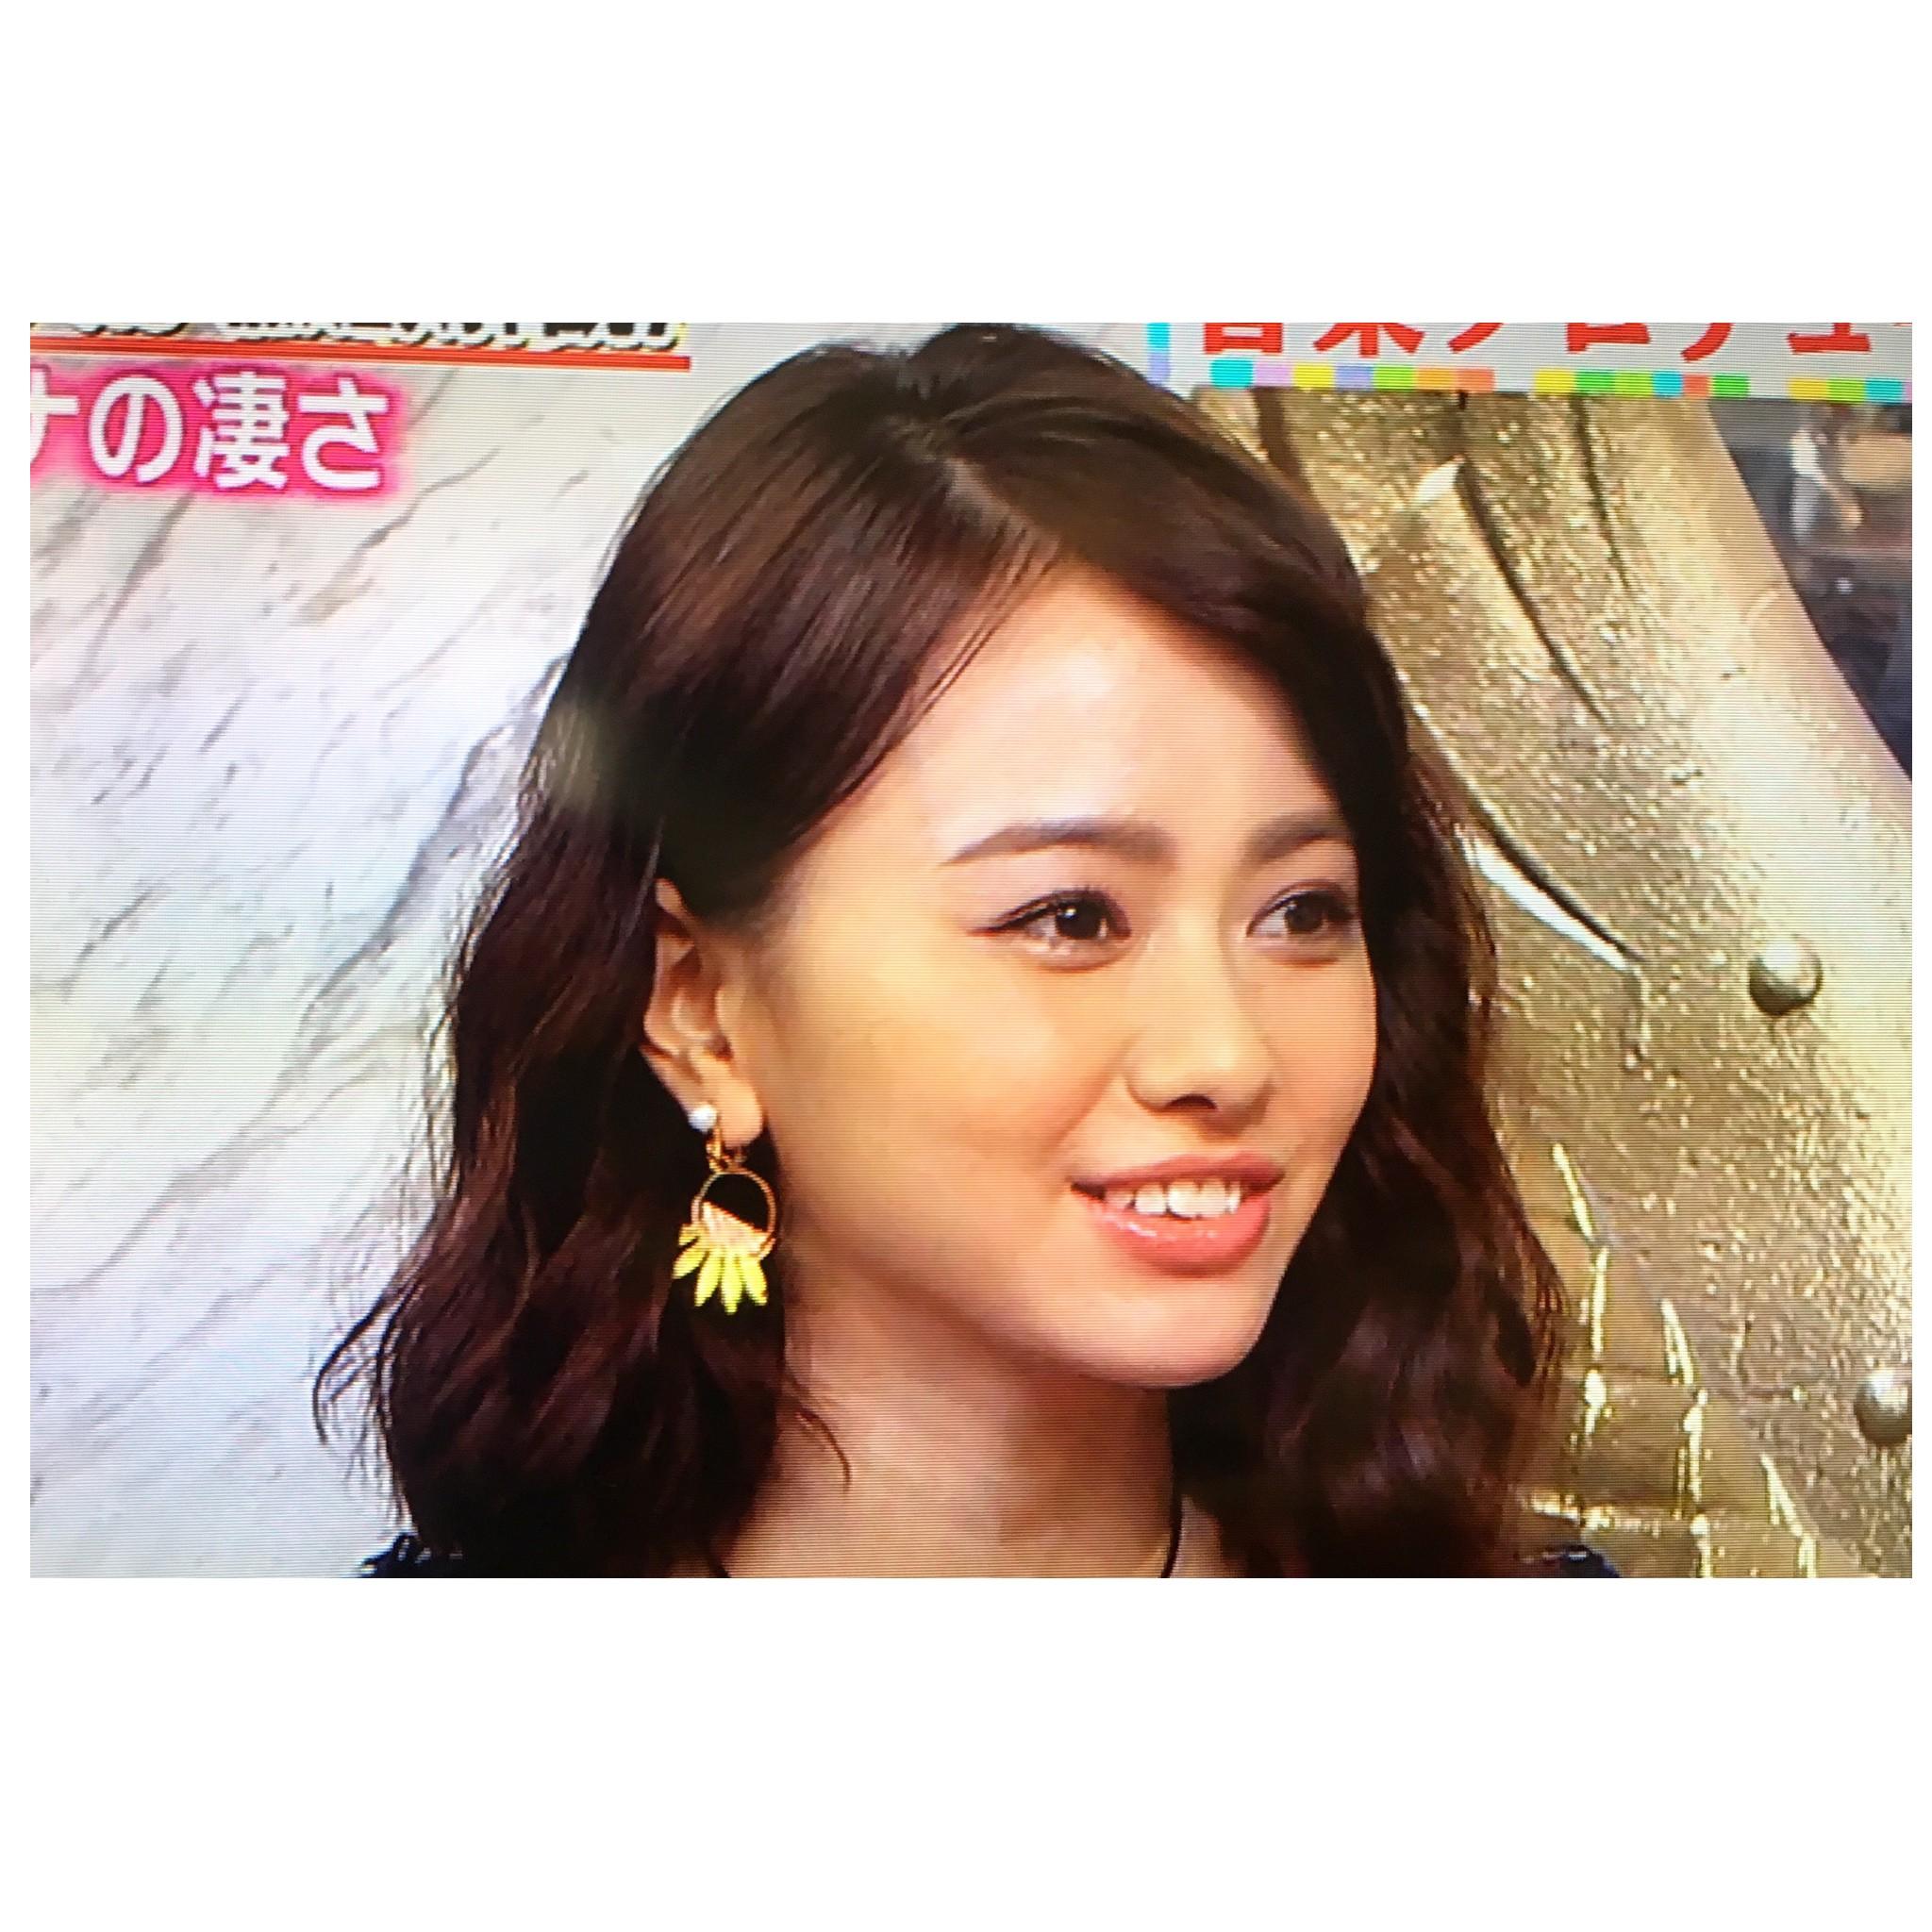 山本舞香さん着用-TBS「オー‼︎マイ神様‼︎」-